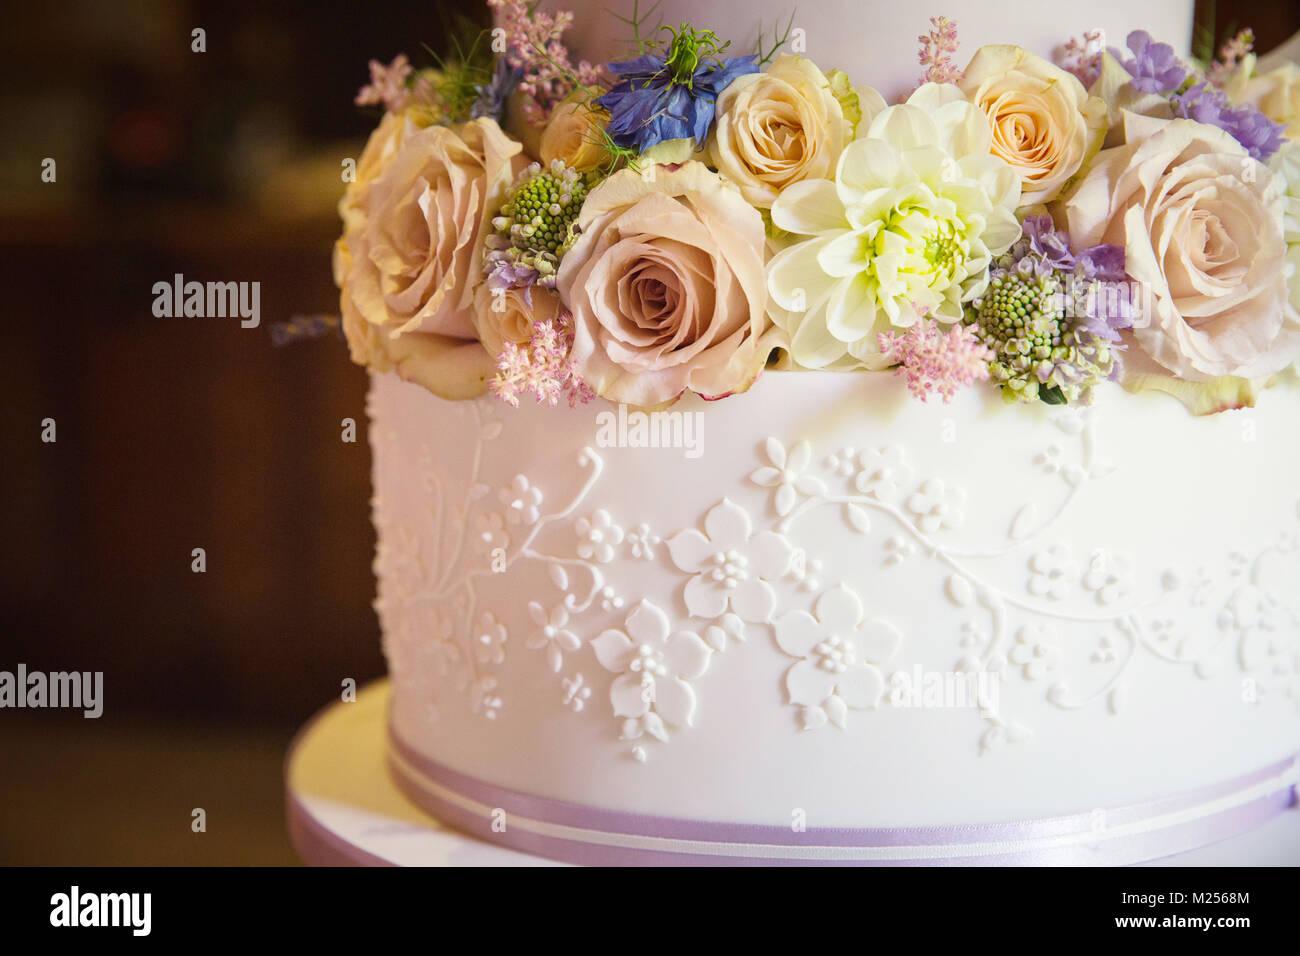 Les fleurs fraîches sur niveau de gâteau de mariage, Close up Photo Stock